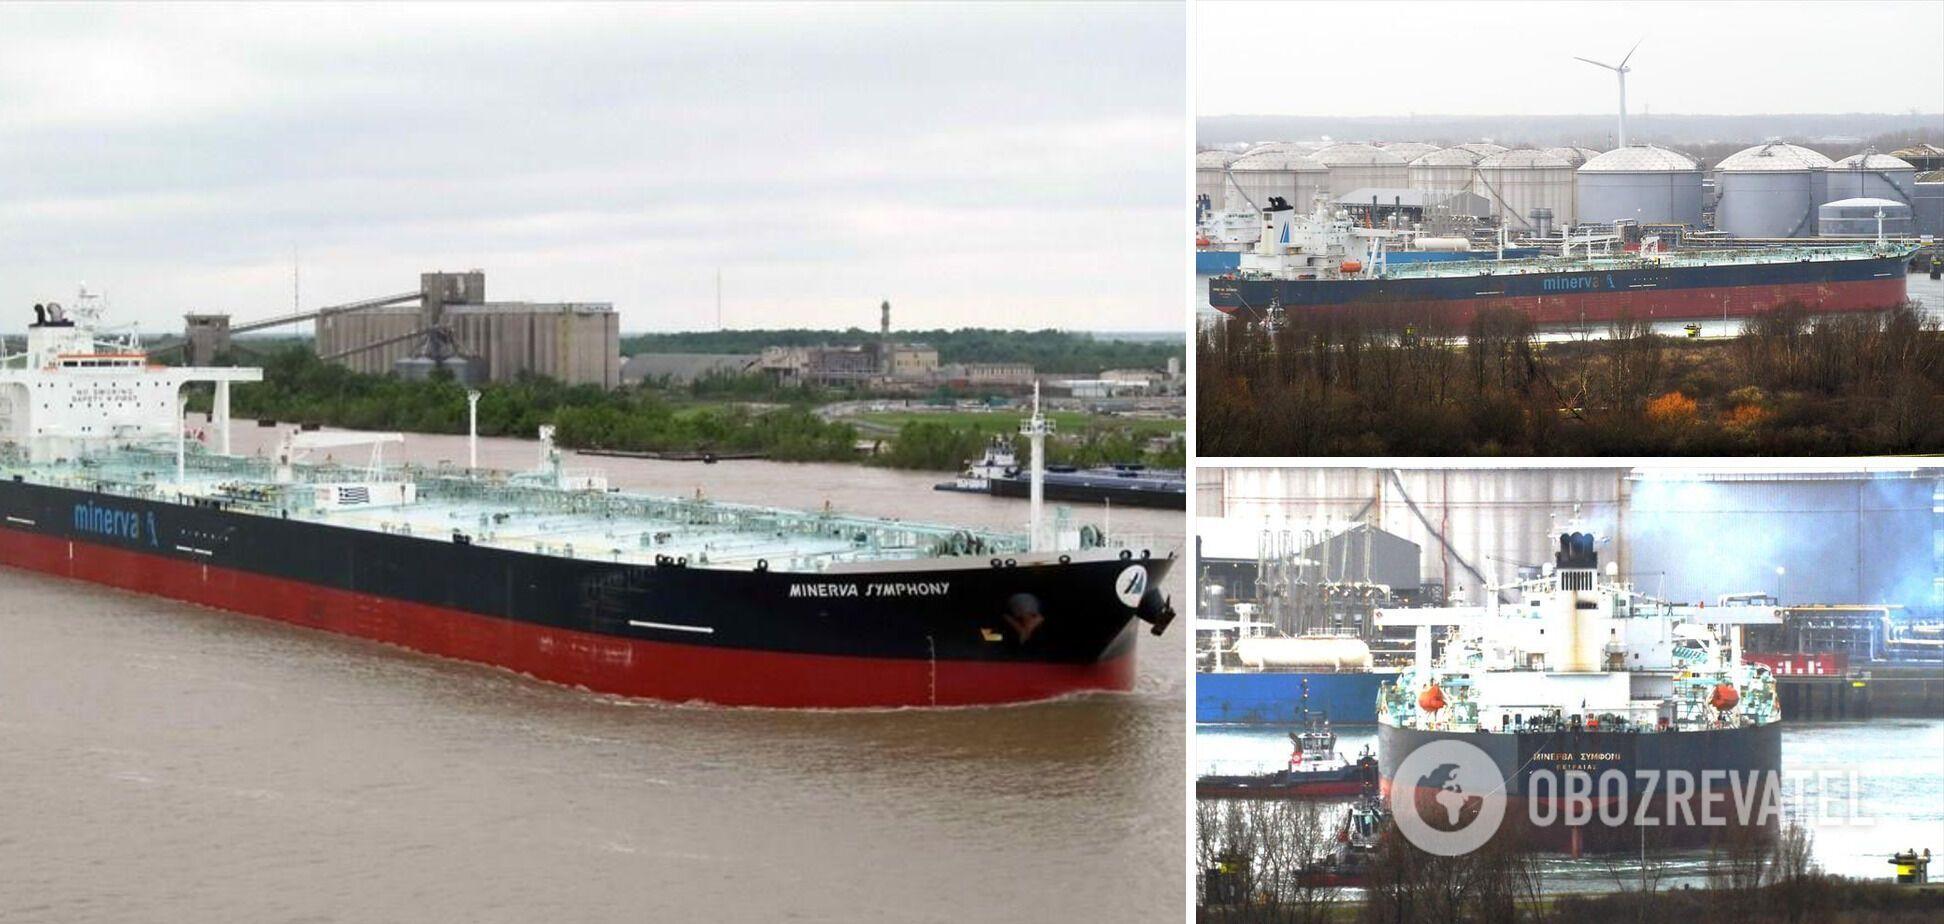 Нефть разлилась во время закачки на танкер Minerva Symphony